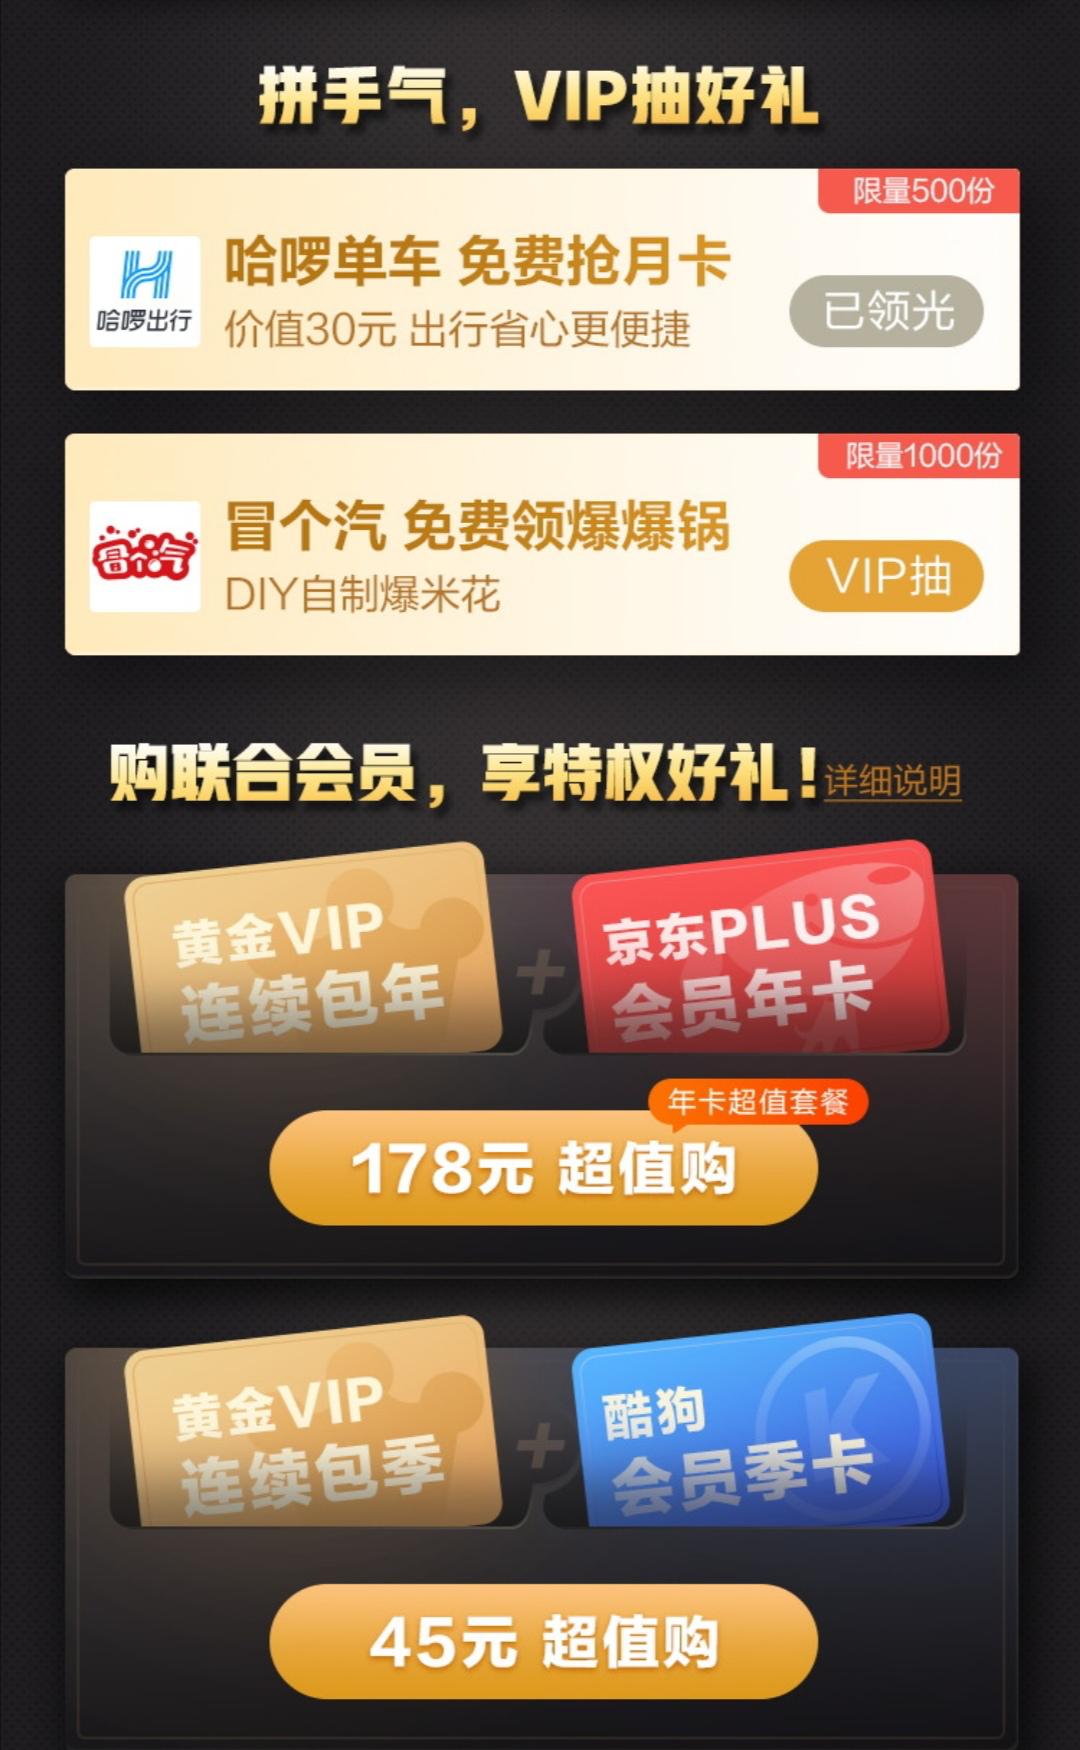 爱奇艺VIP会员福利严选日,视频会员福利更香了吗?